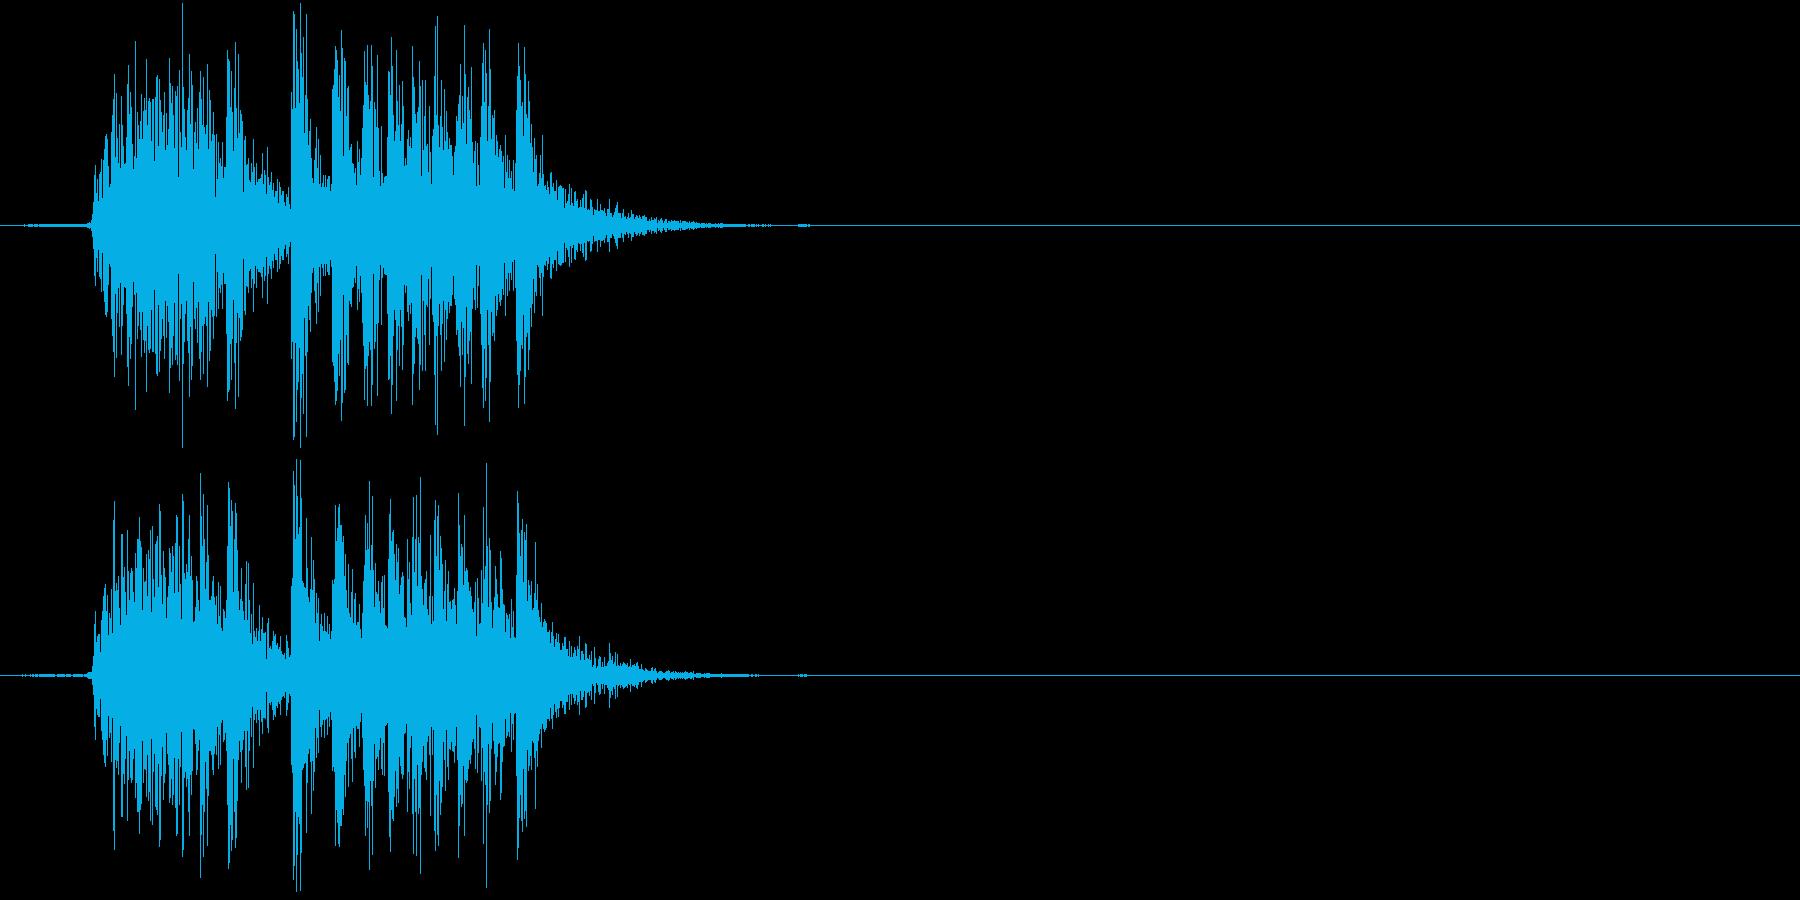 【生録音】 オフィスチェアのきしみ 2の再生済みの波形